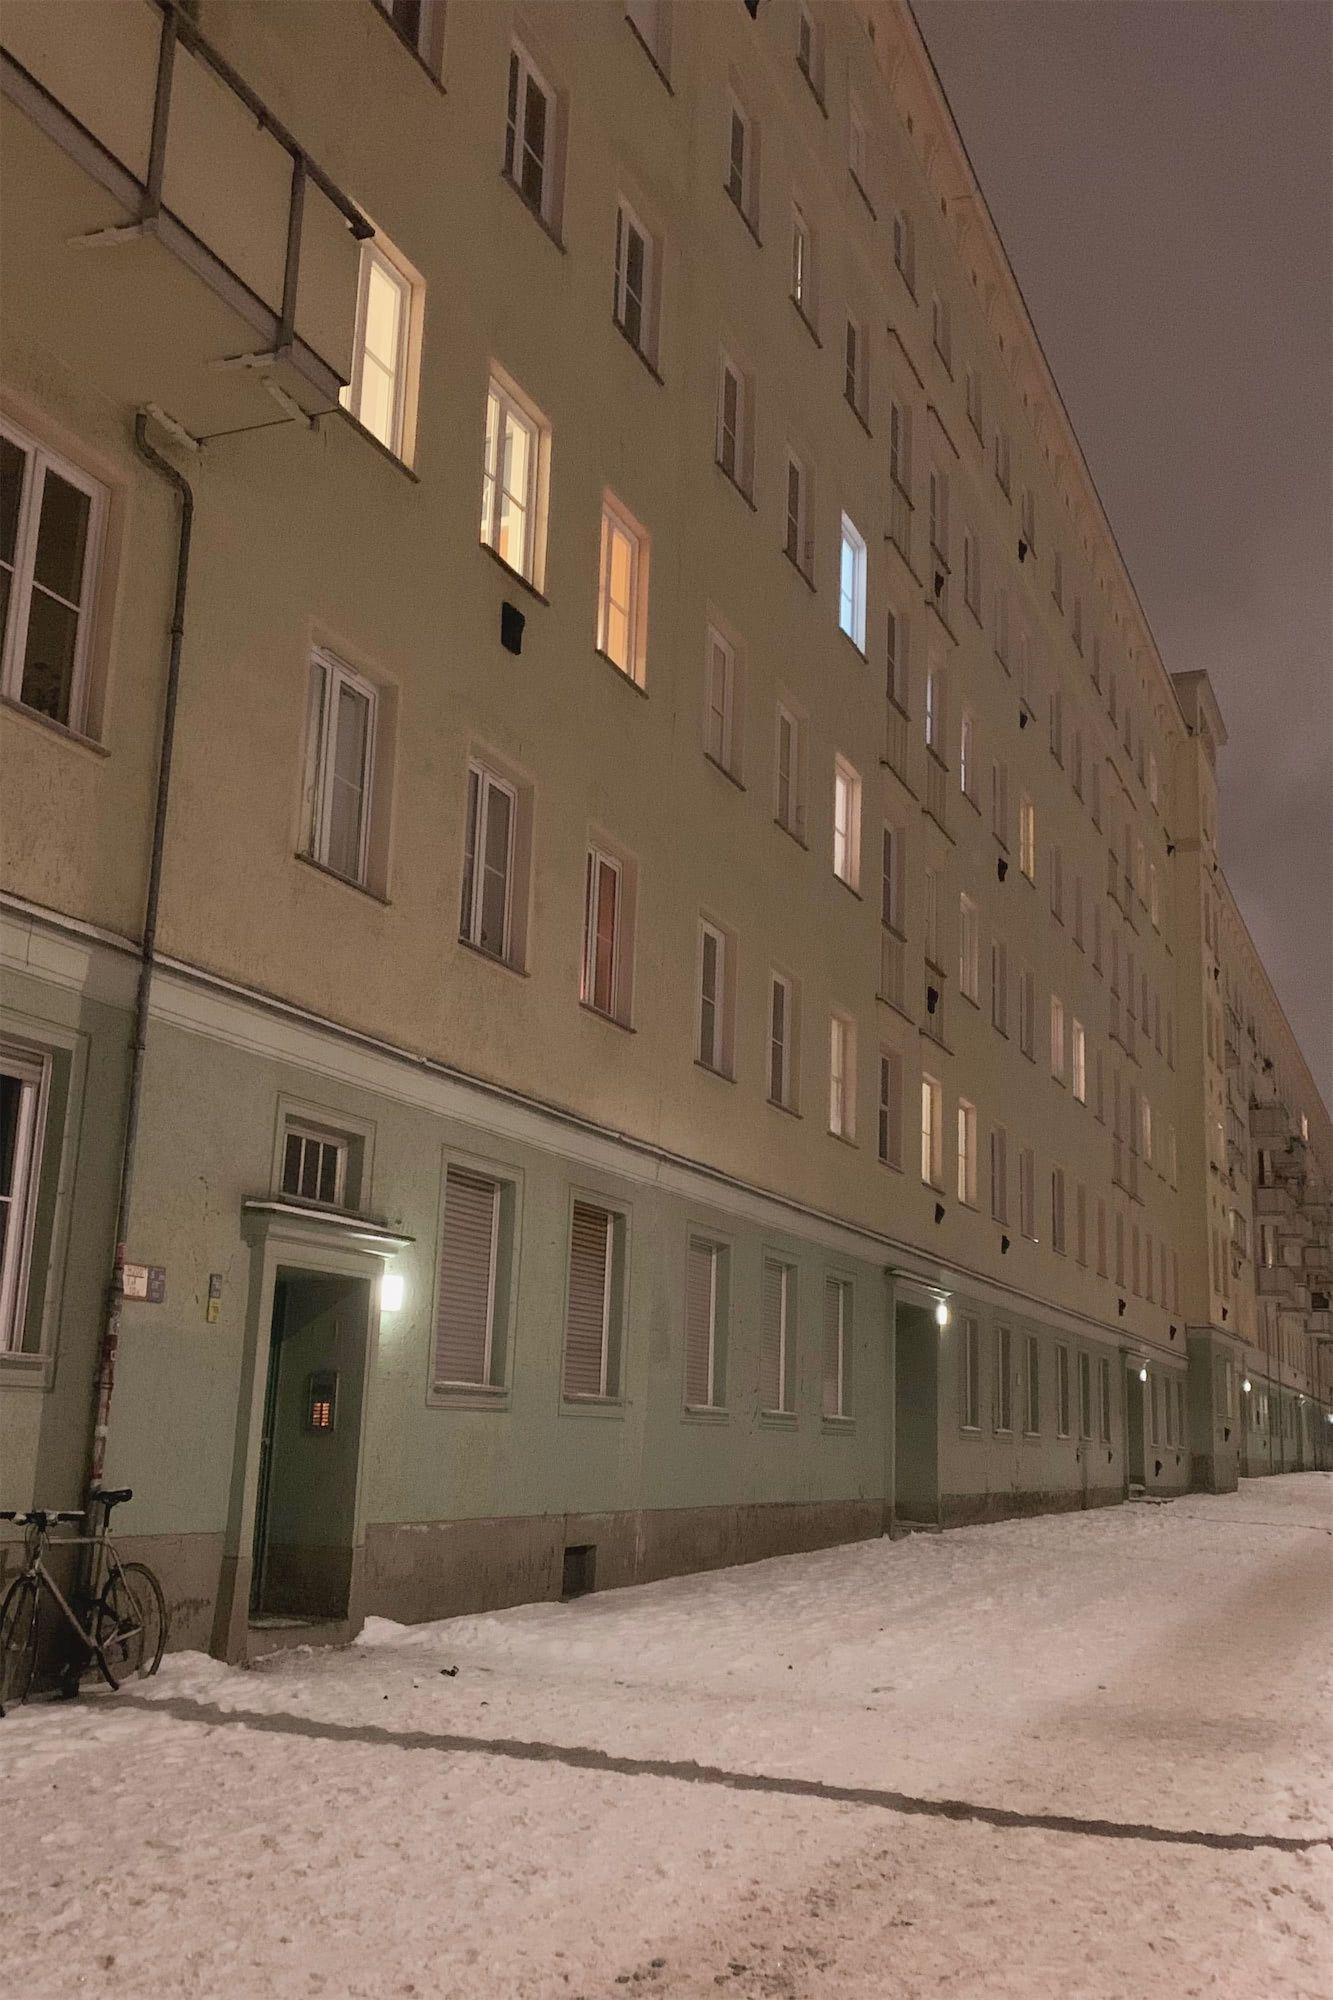 Berlin in February 2021